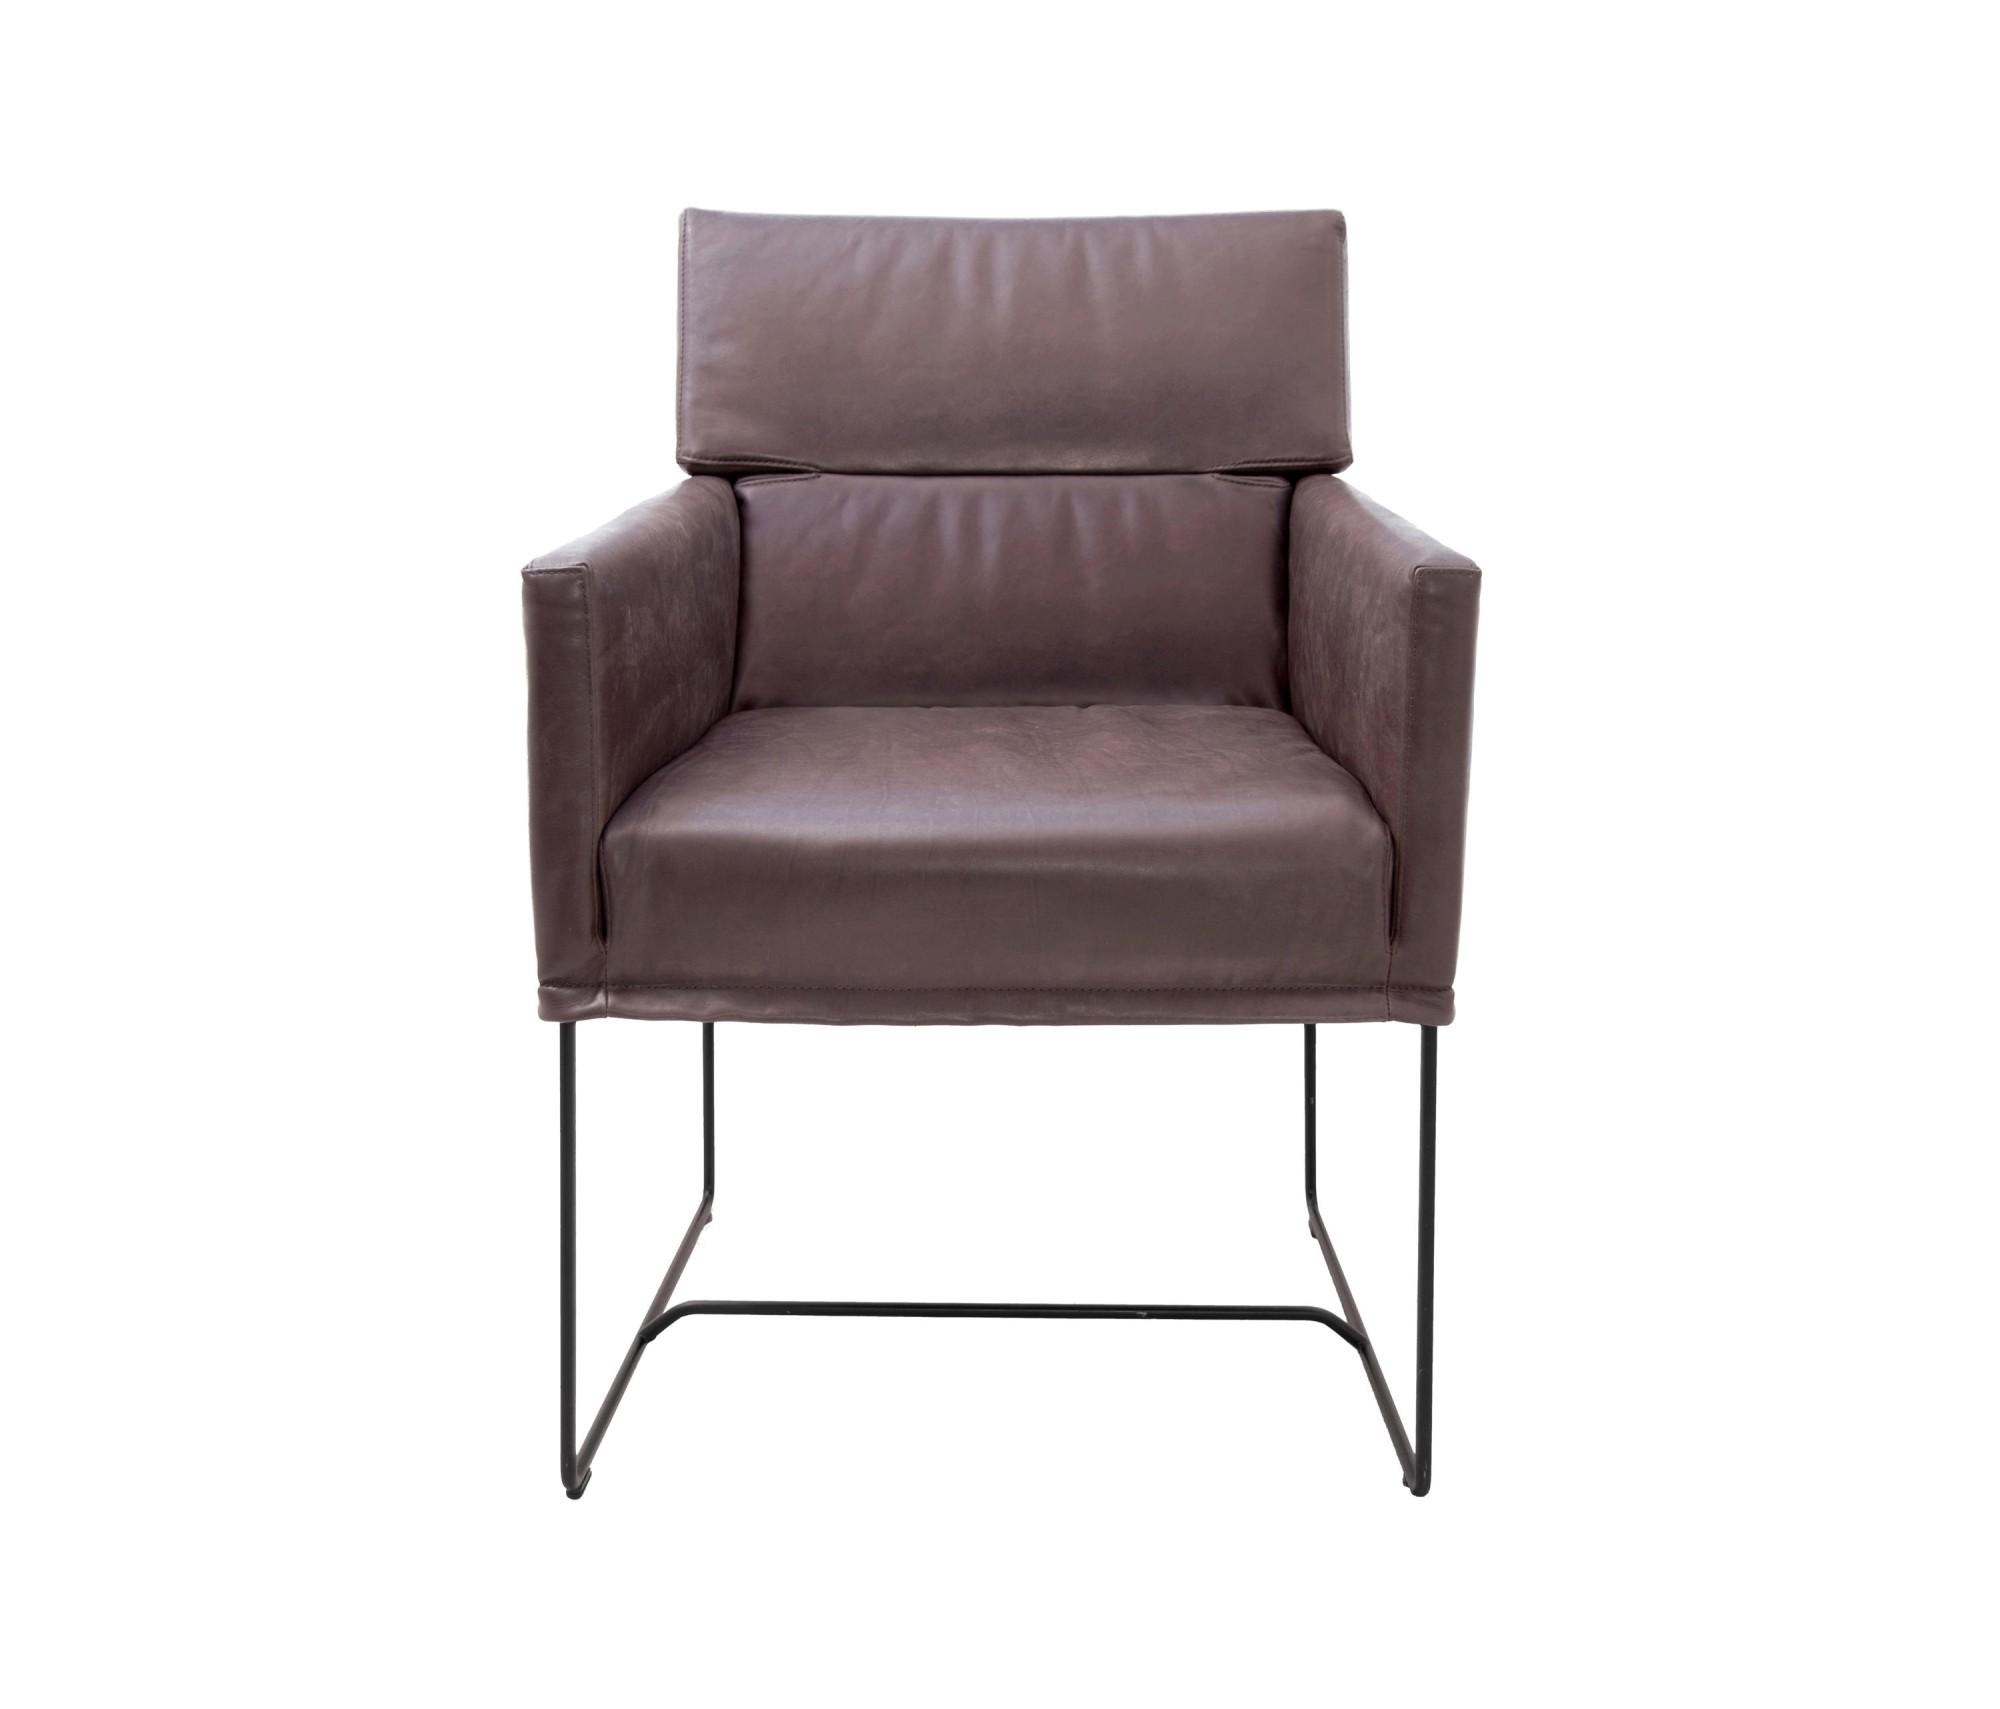 De moderne caal eetkamerstoel is ontworpen door steven schilte voor kff. de ruime en ergonomische zitting ...